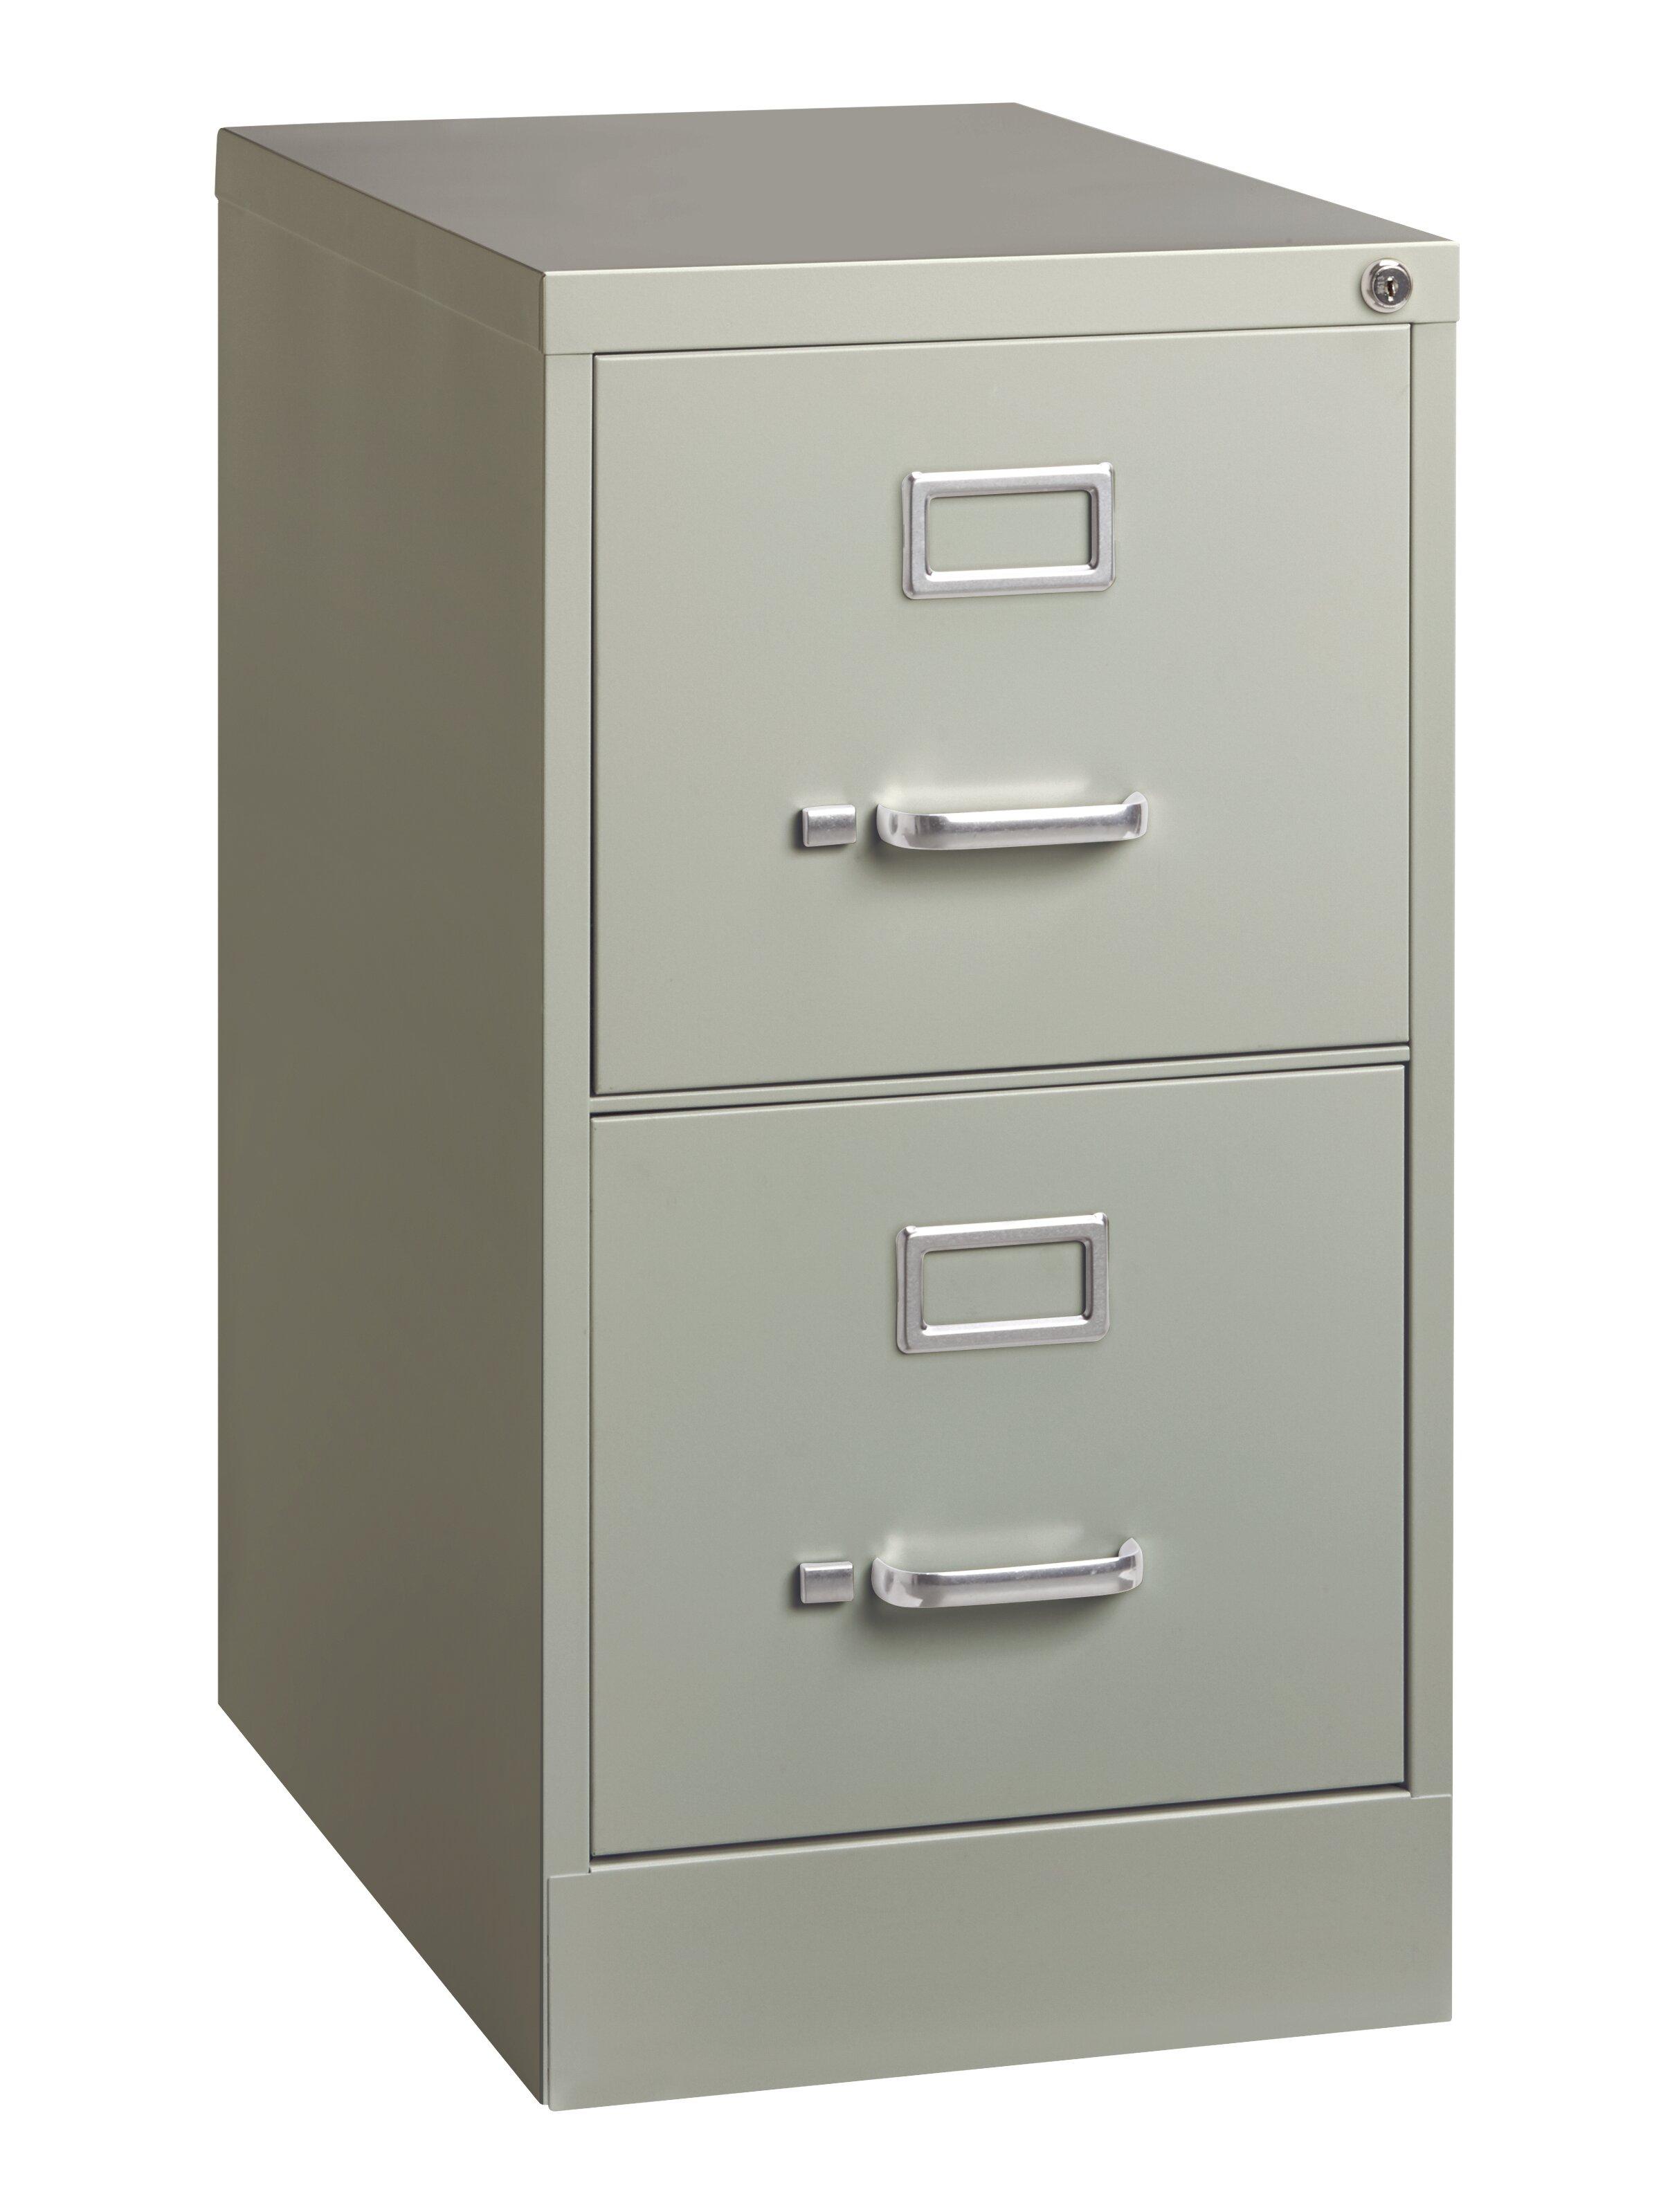 Kist 2 Drawer Vertical Filing Cabinet